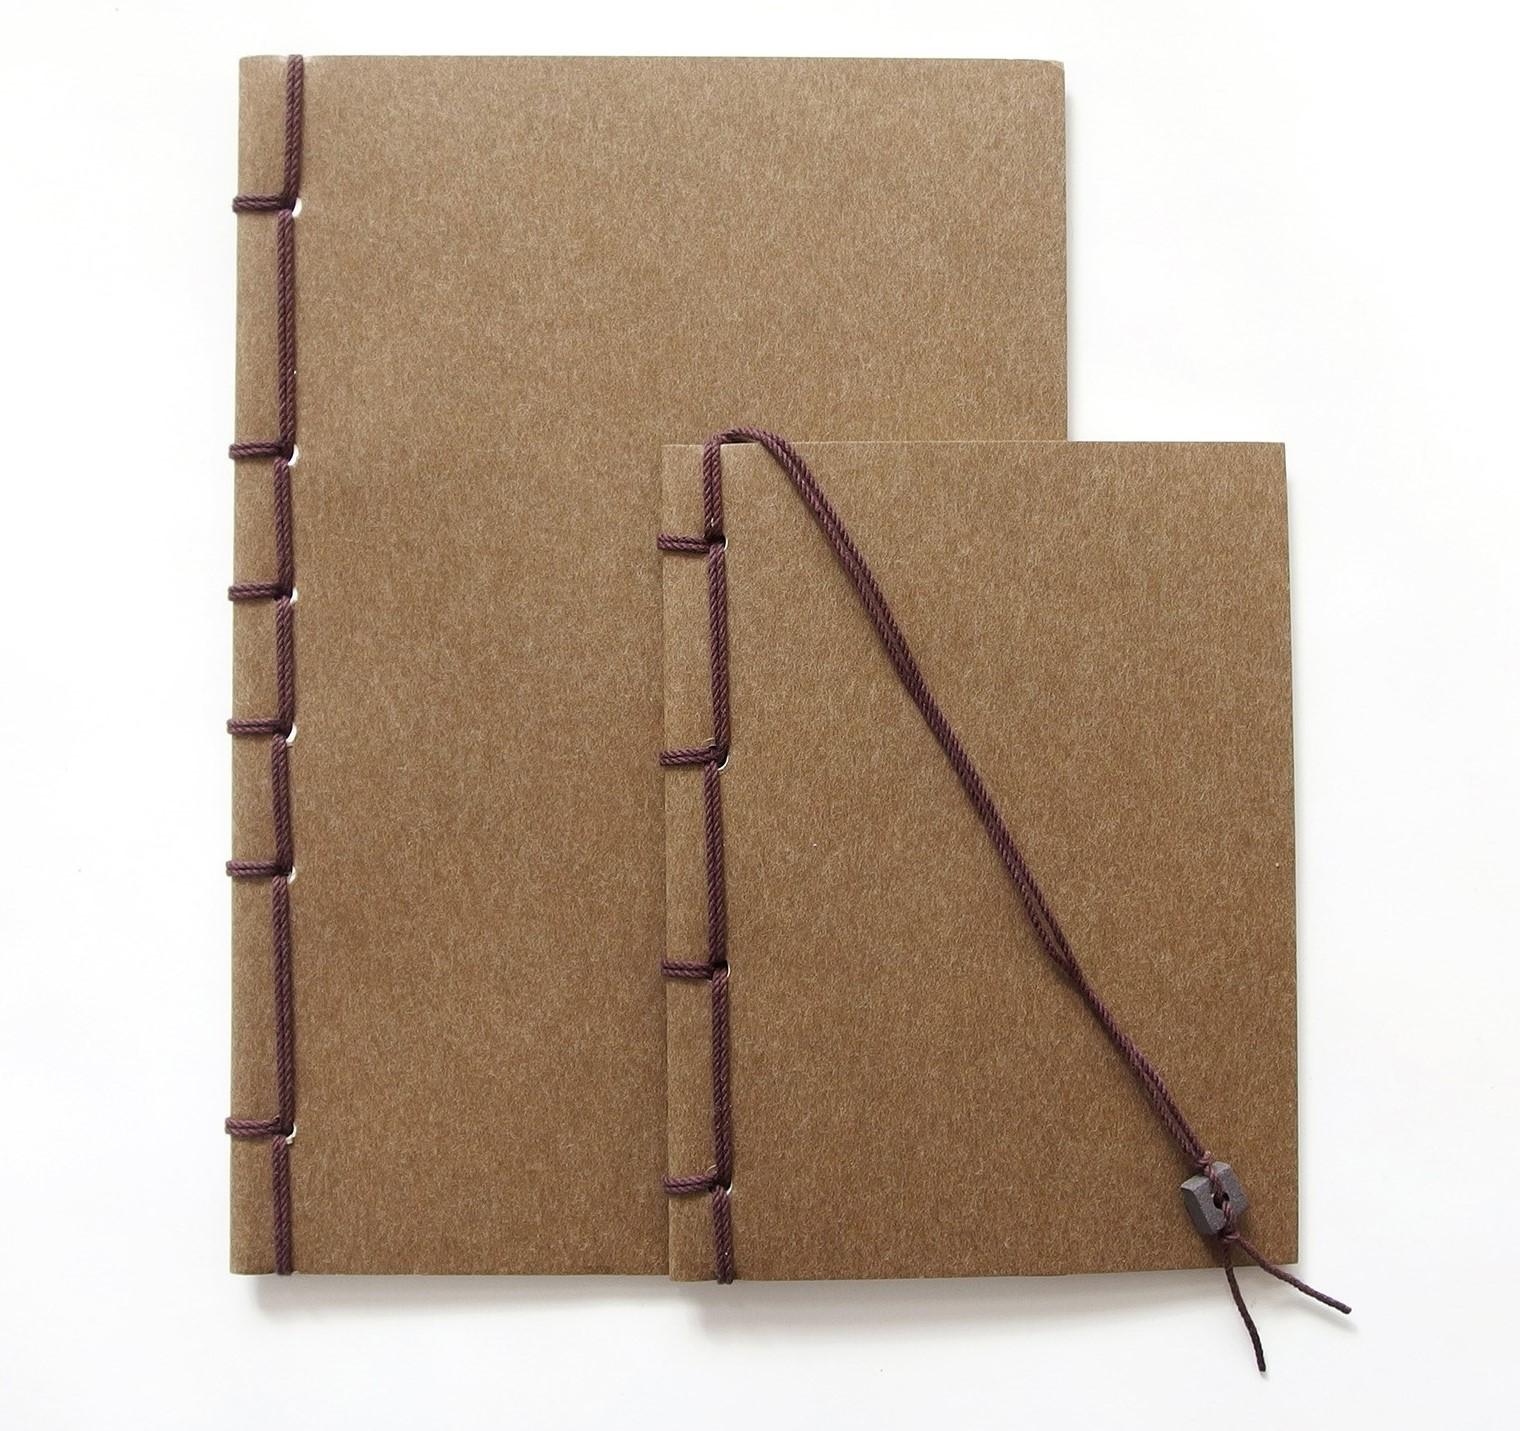 KAKURAのノートサイズはSとLの2種類